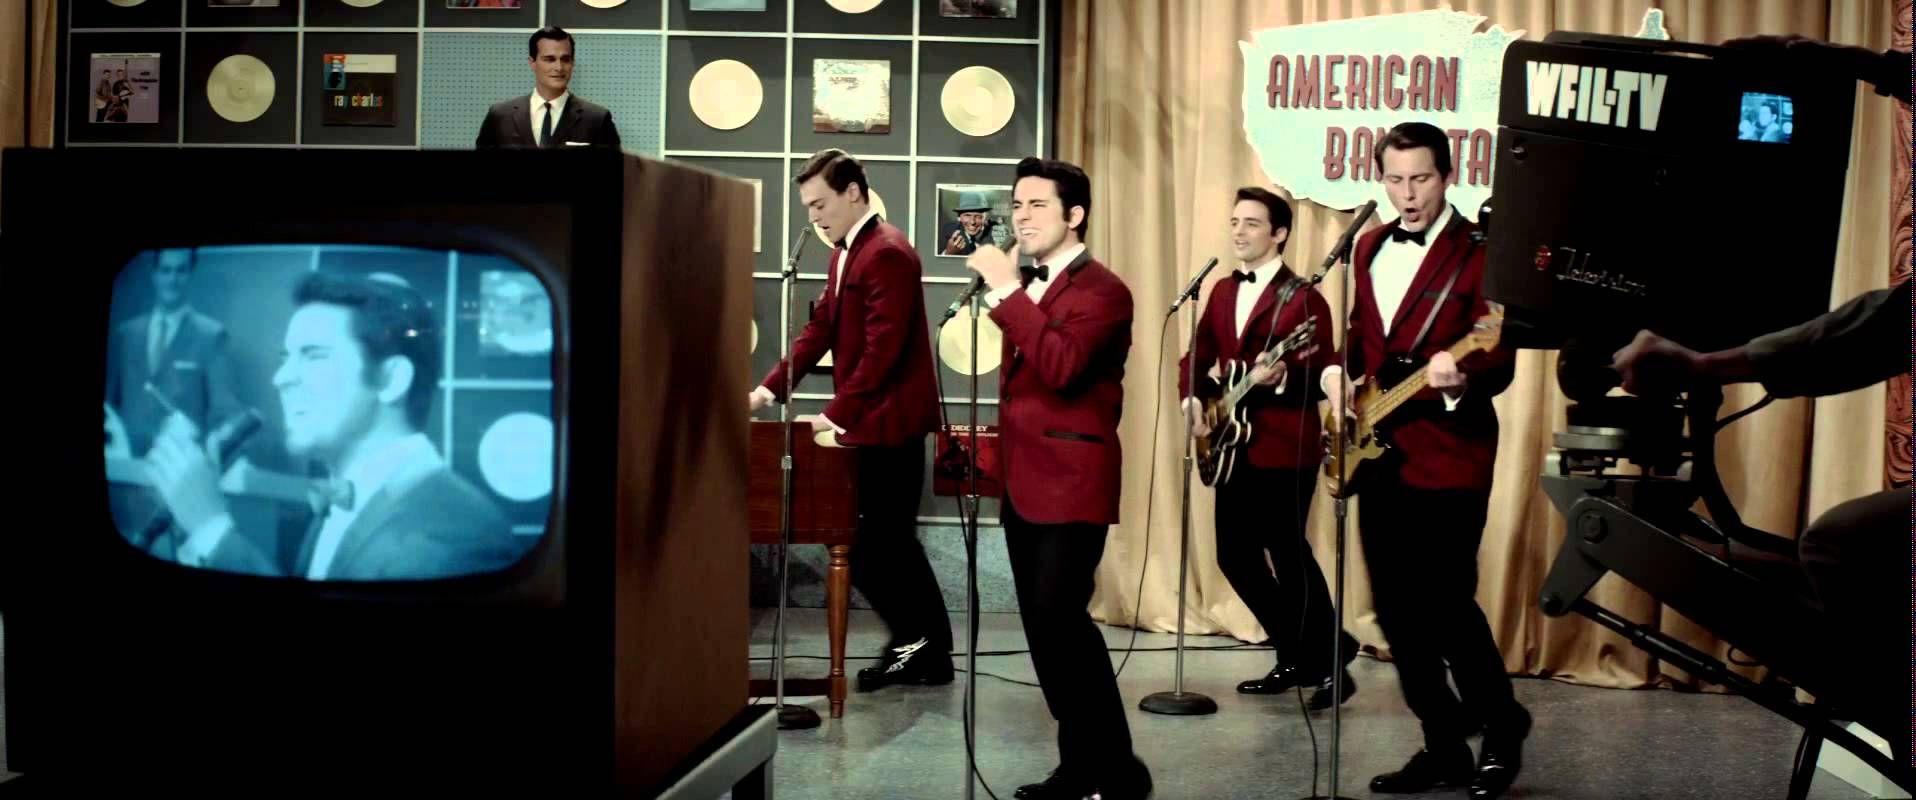 Sherry Performance - Jersey Boys Movie | Jersey Boys